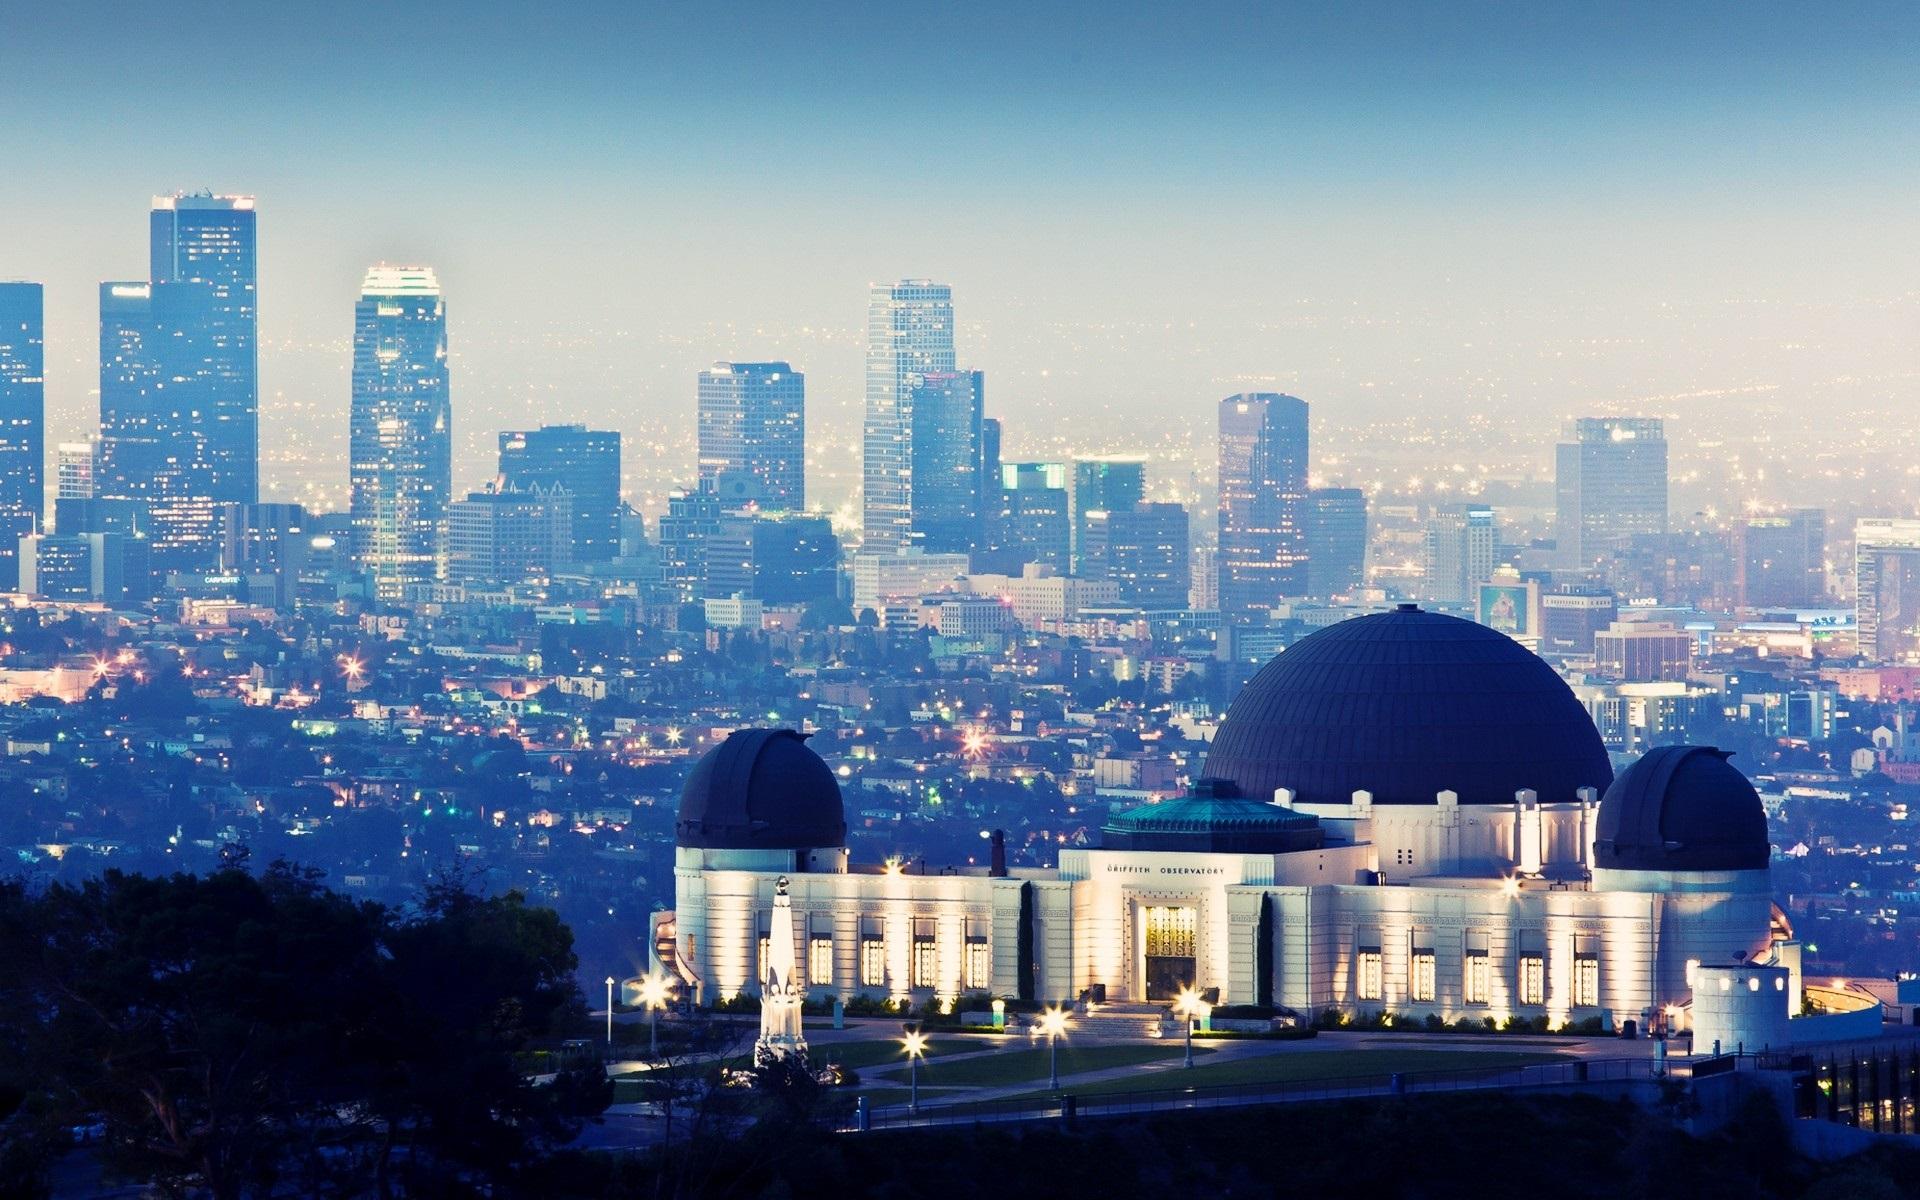 壁紙 グリフィス天文台 高層ビル 夜 ライト ロサンゼルス アメリカ 19x10 Hd 無料のデスクトップの背景 画像